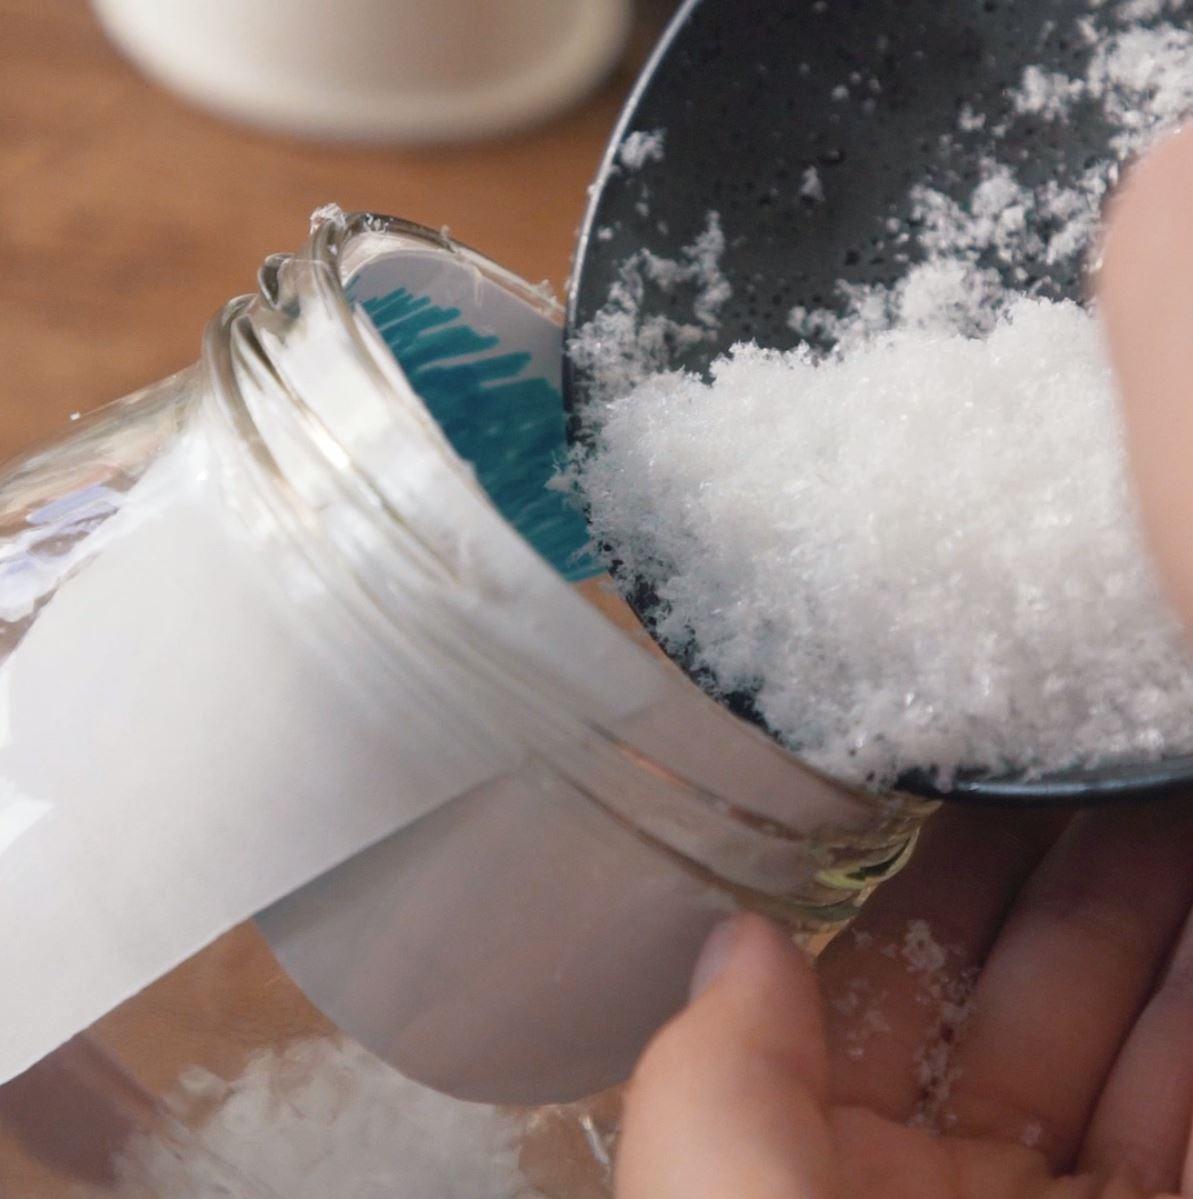 DIY sneeuwbol stap 5: Sneeuw toevoegen